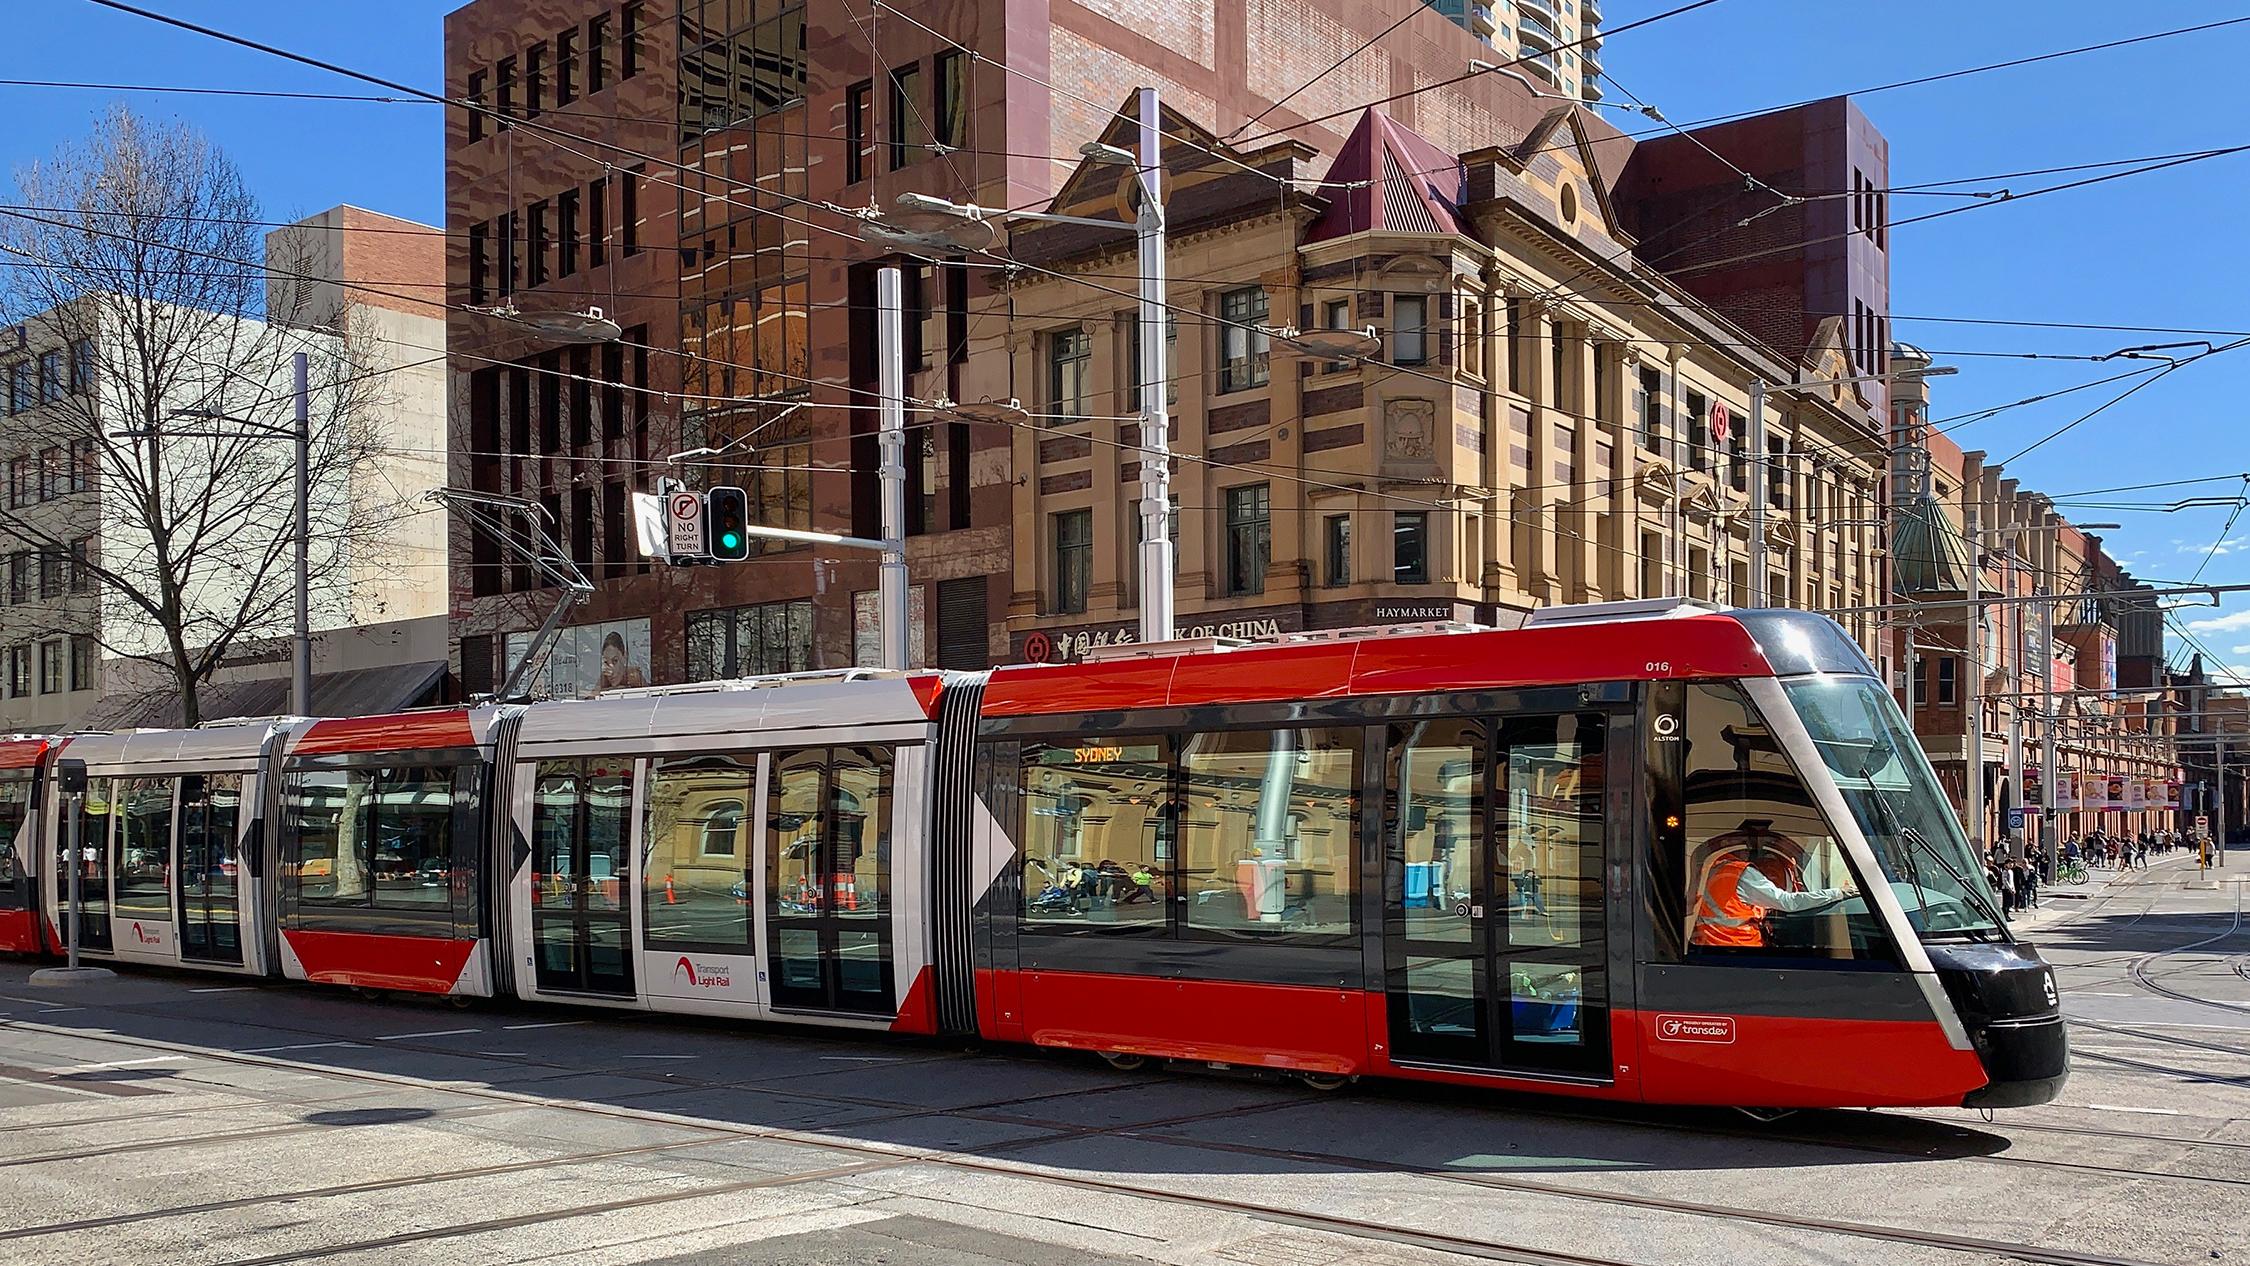 Sydney's new light rail will officially (hopefully) open on December 14